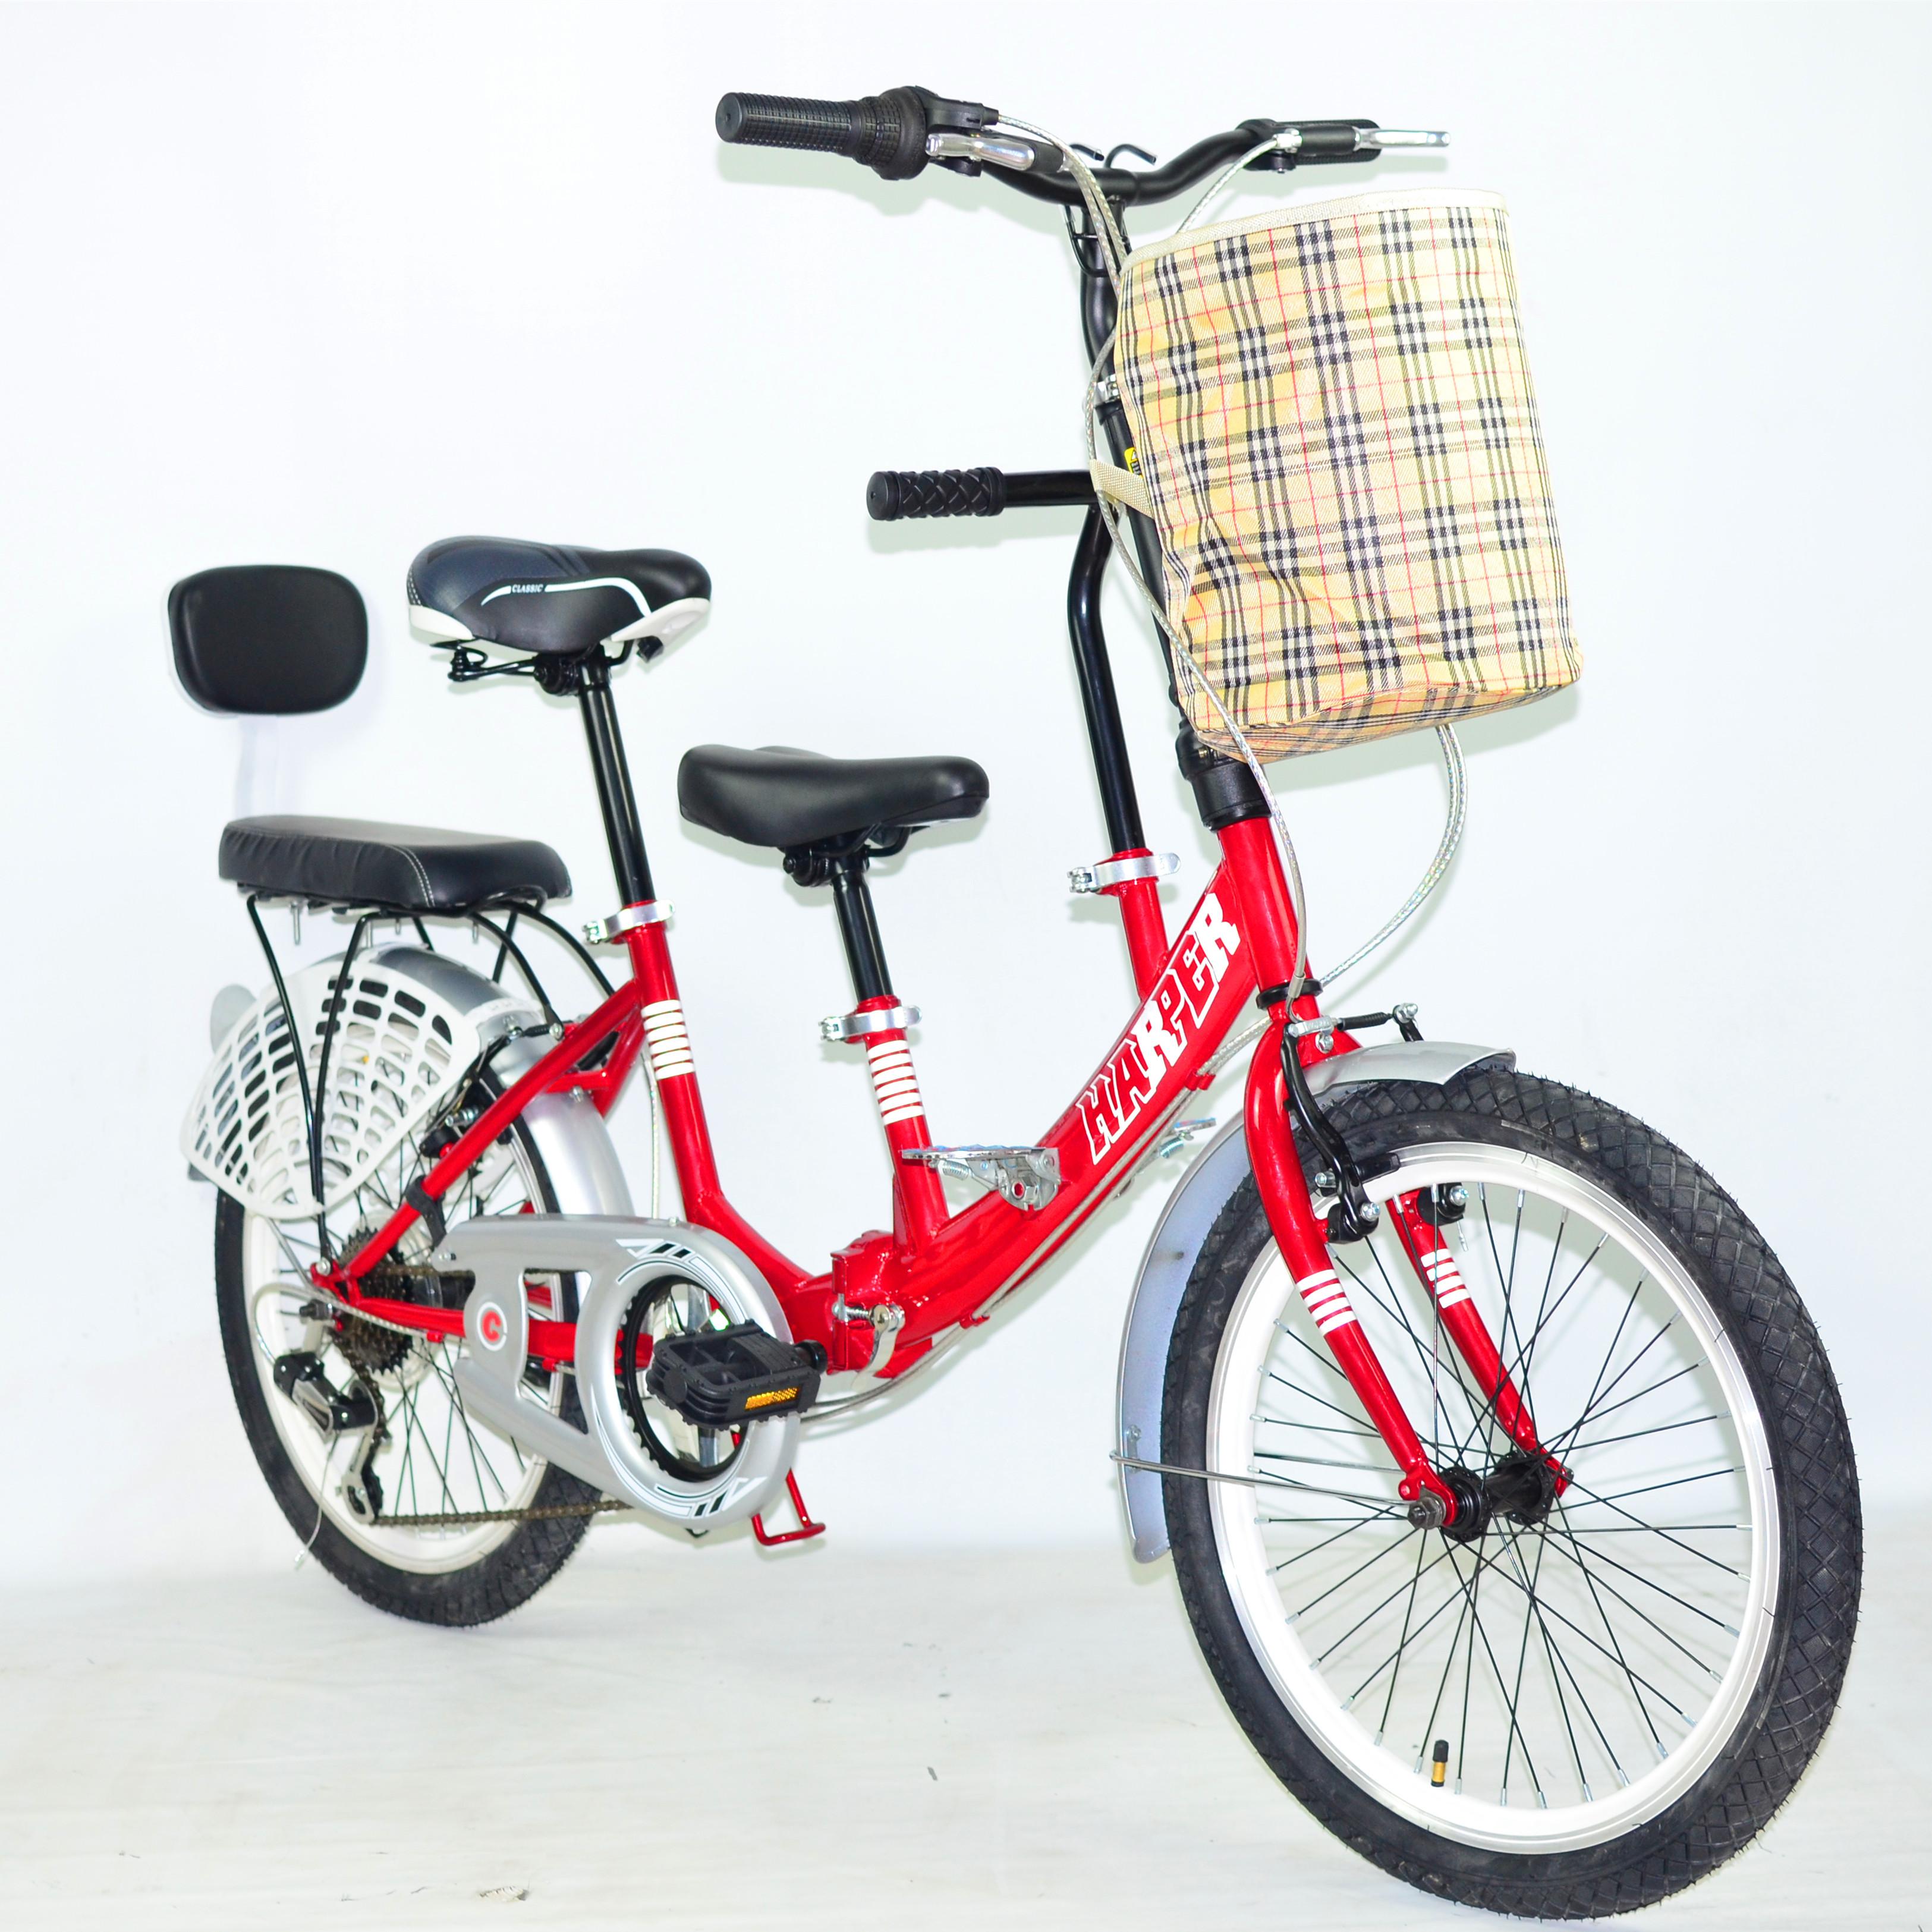 13 Best GBaby images | Baby strollers, Baby bike, Bike